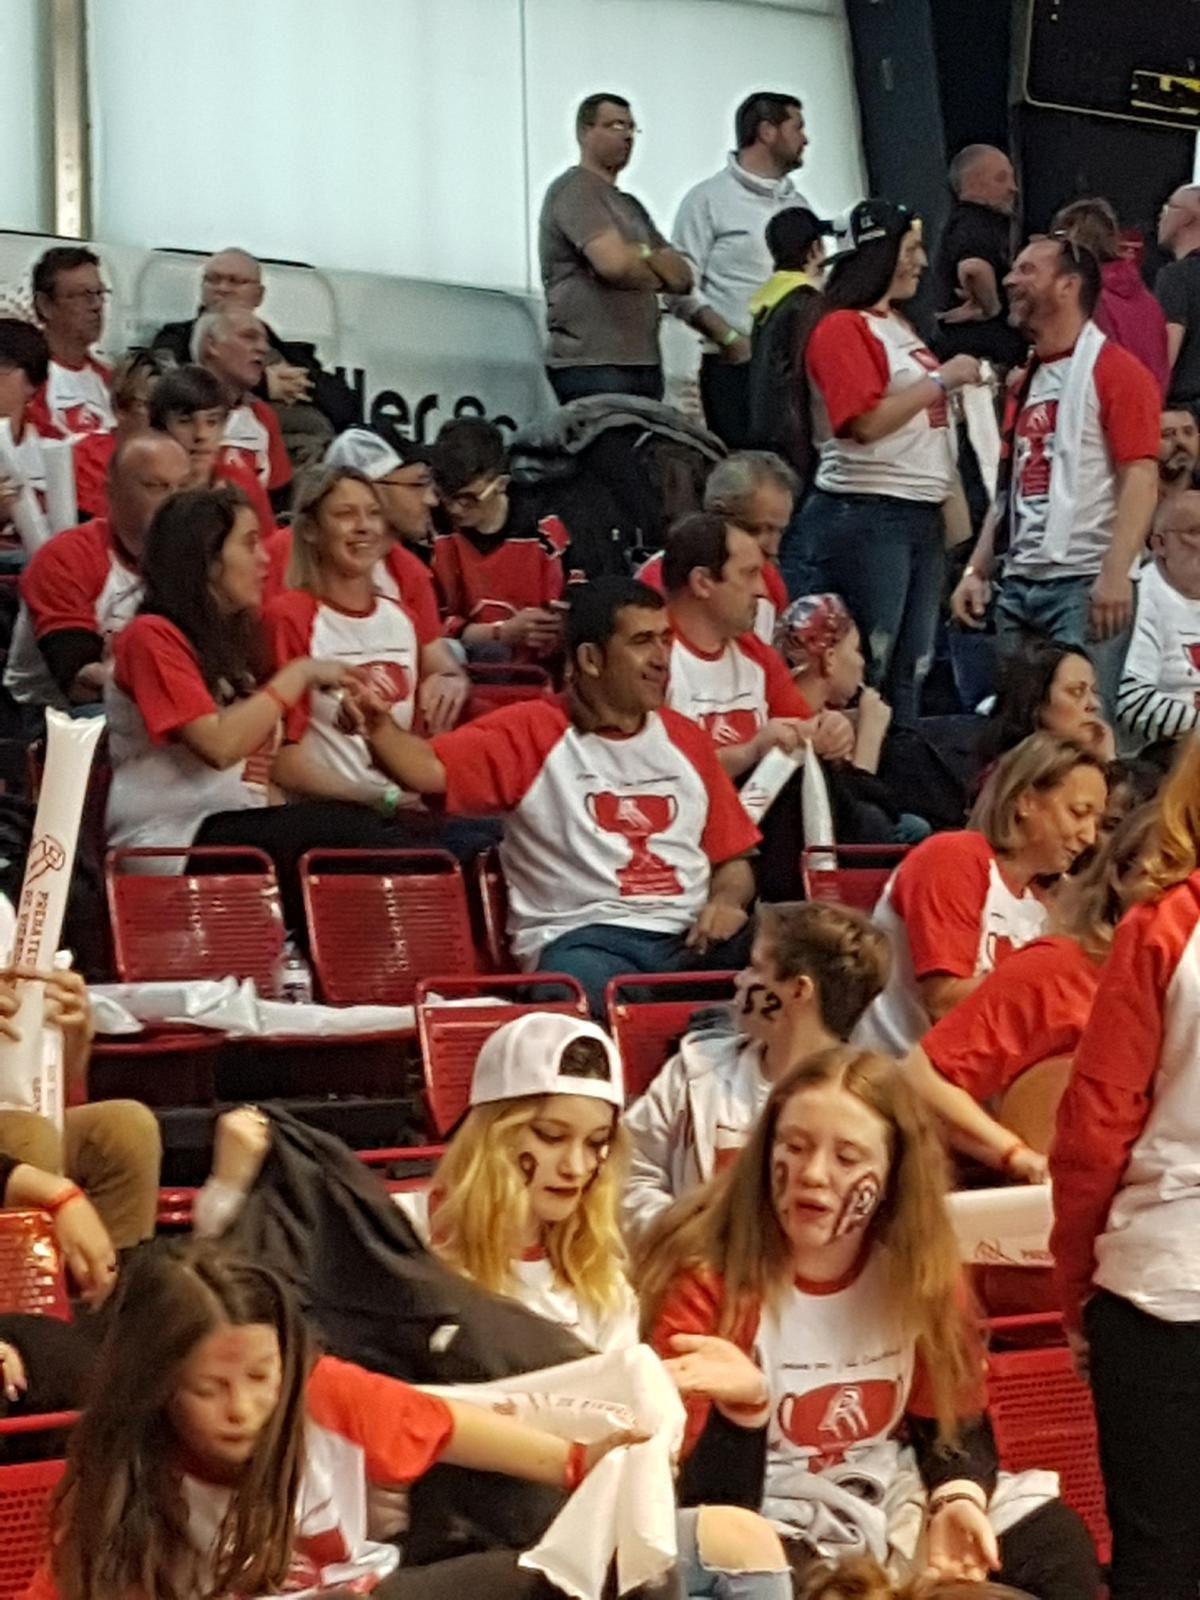 Les supporters des Prédateurs prêts pour le match !